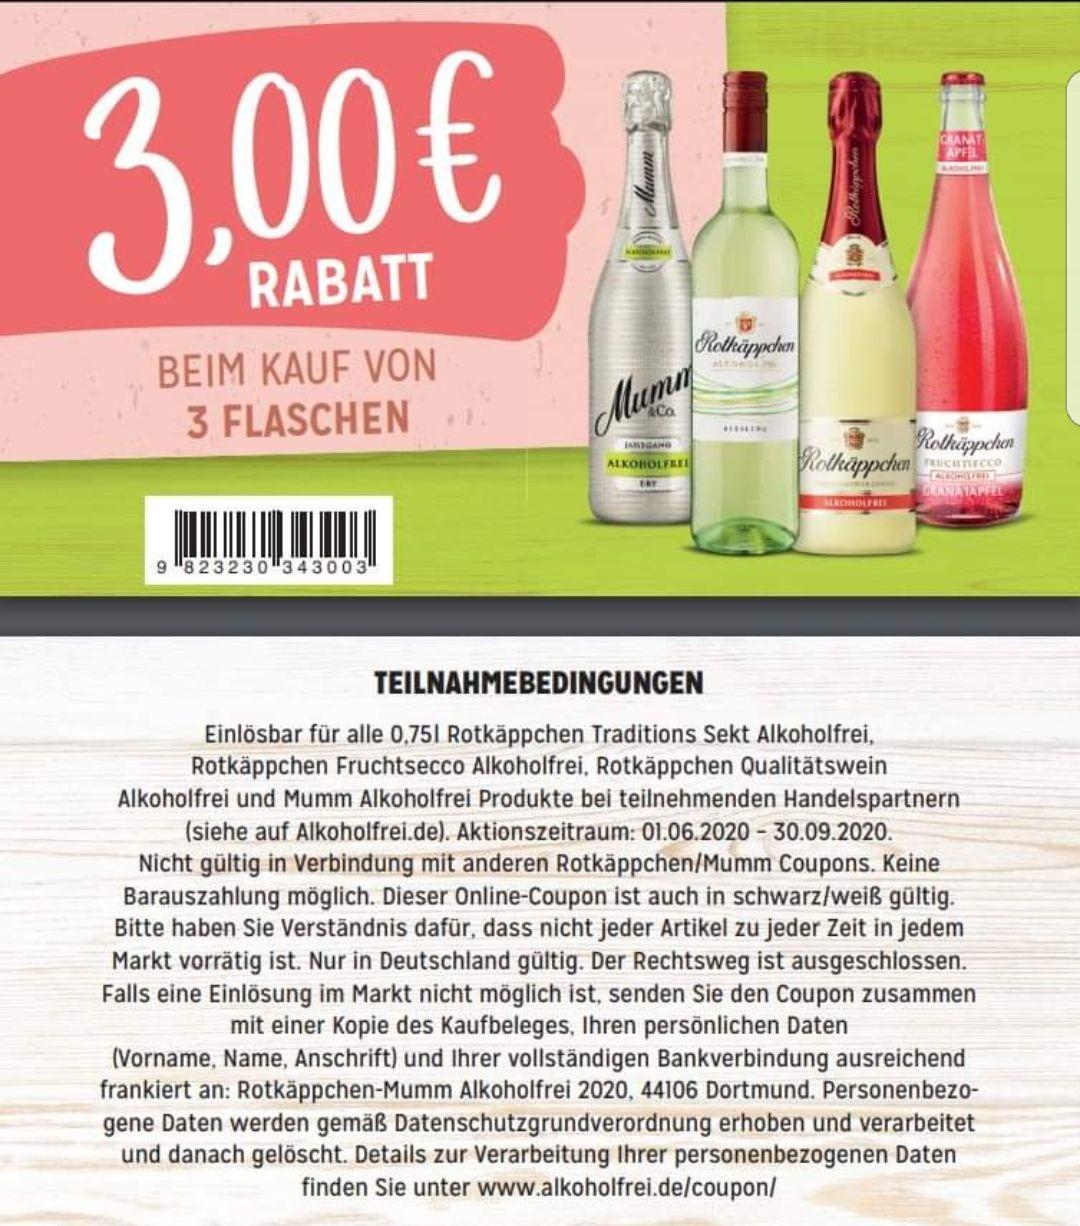 0,75€ Coupon bei Kauf von Rotkäppchen/Mumm alkoholfrei / 3€ bei Kauf von 3 Flaschen